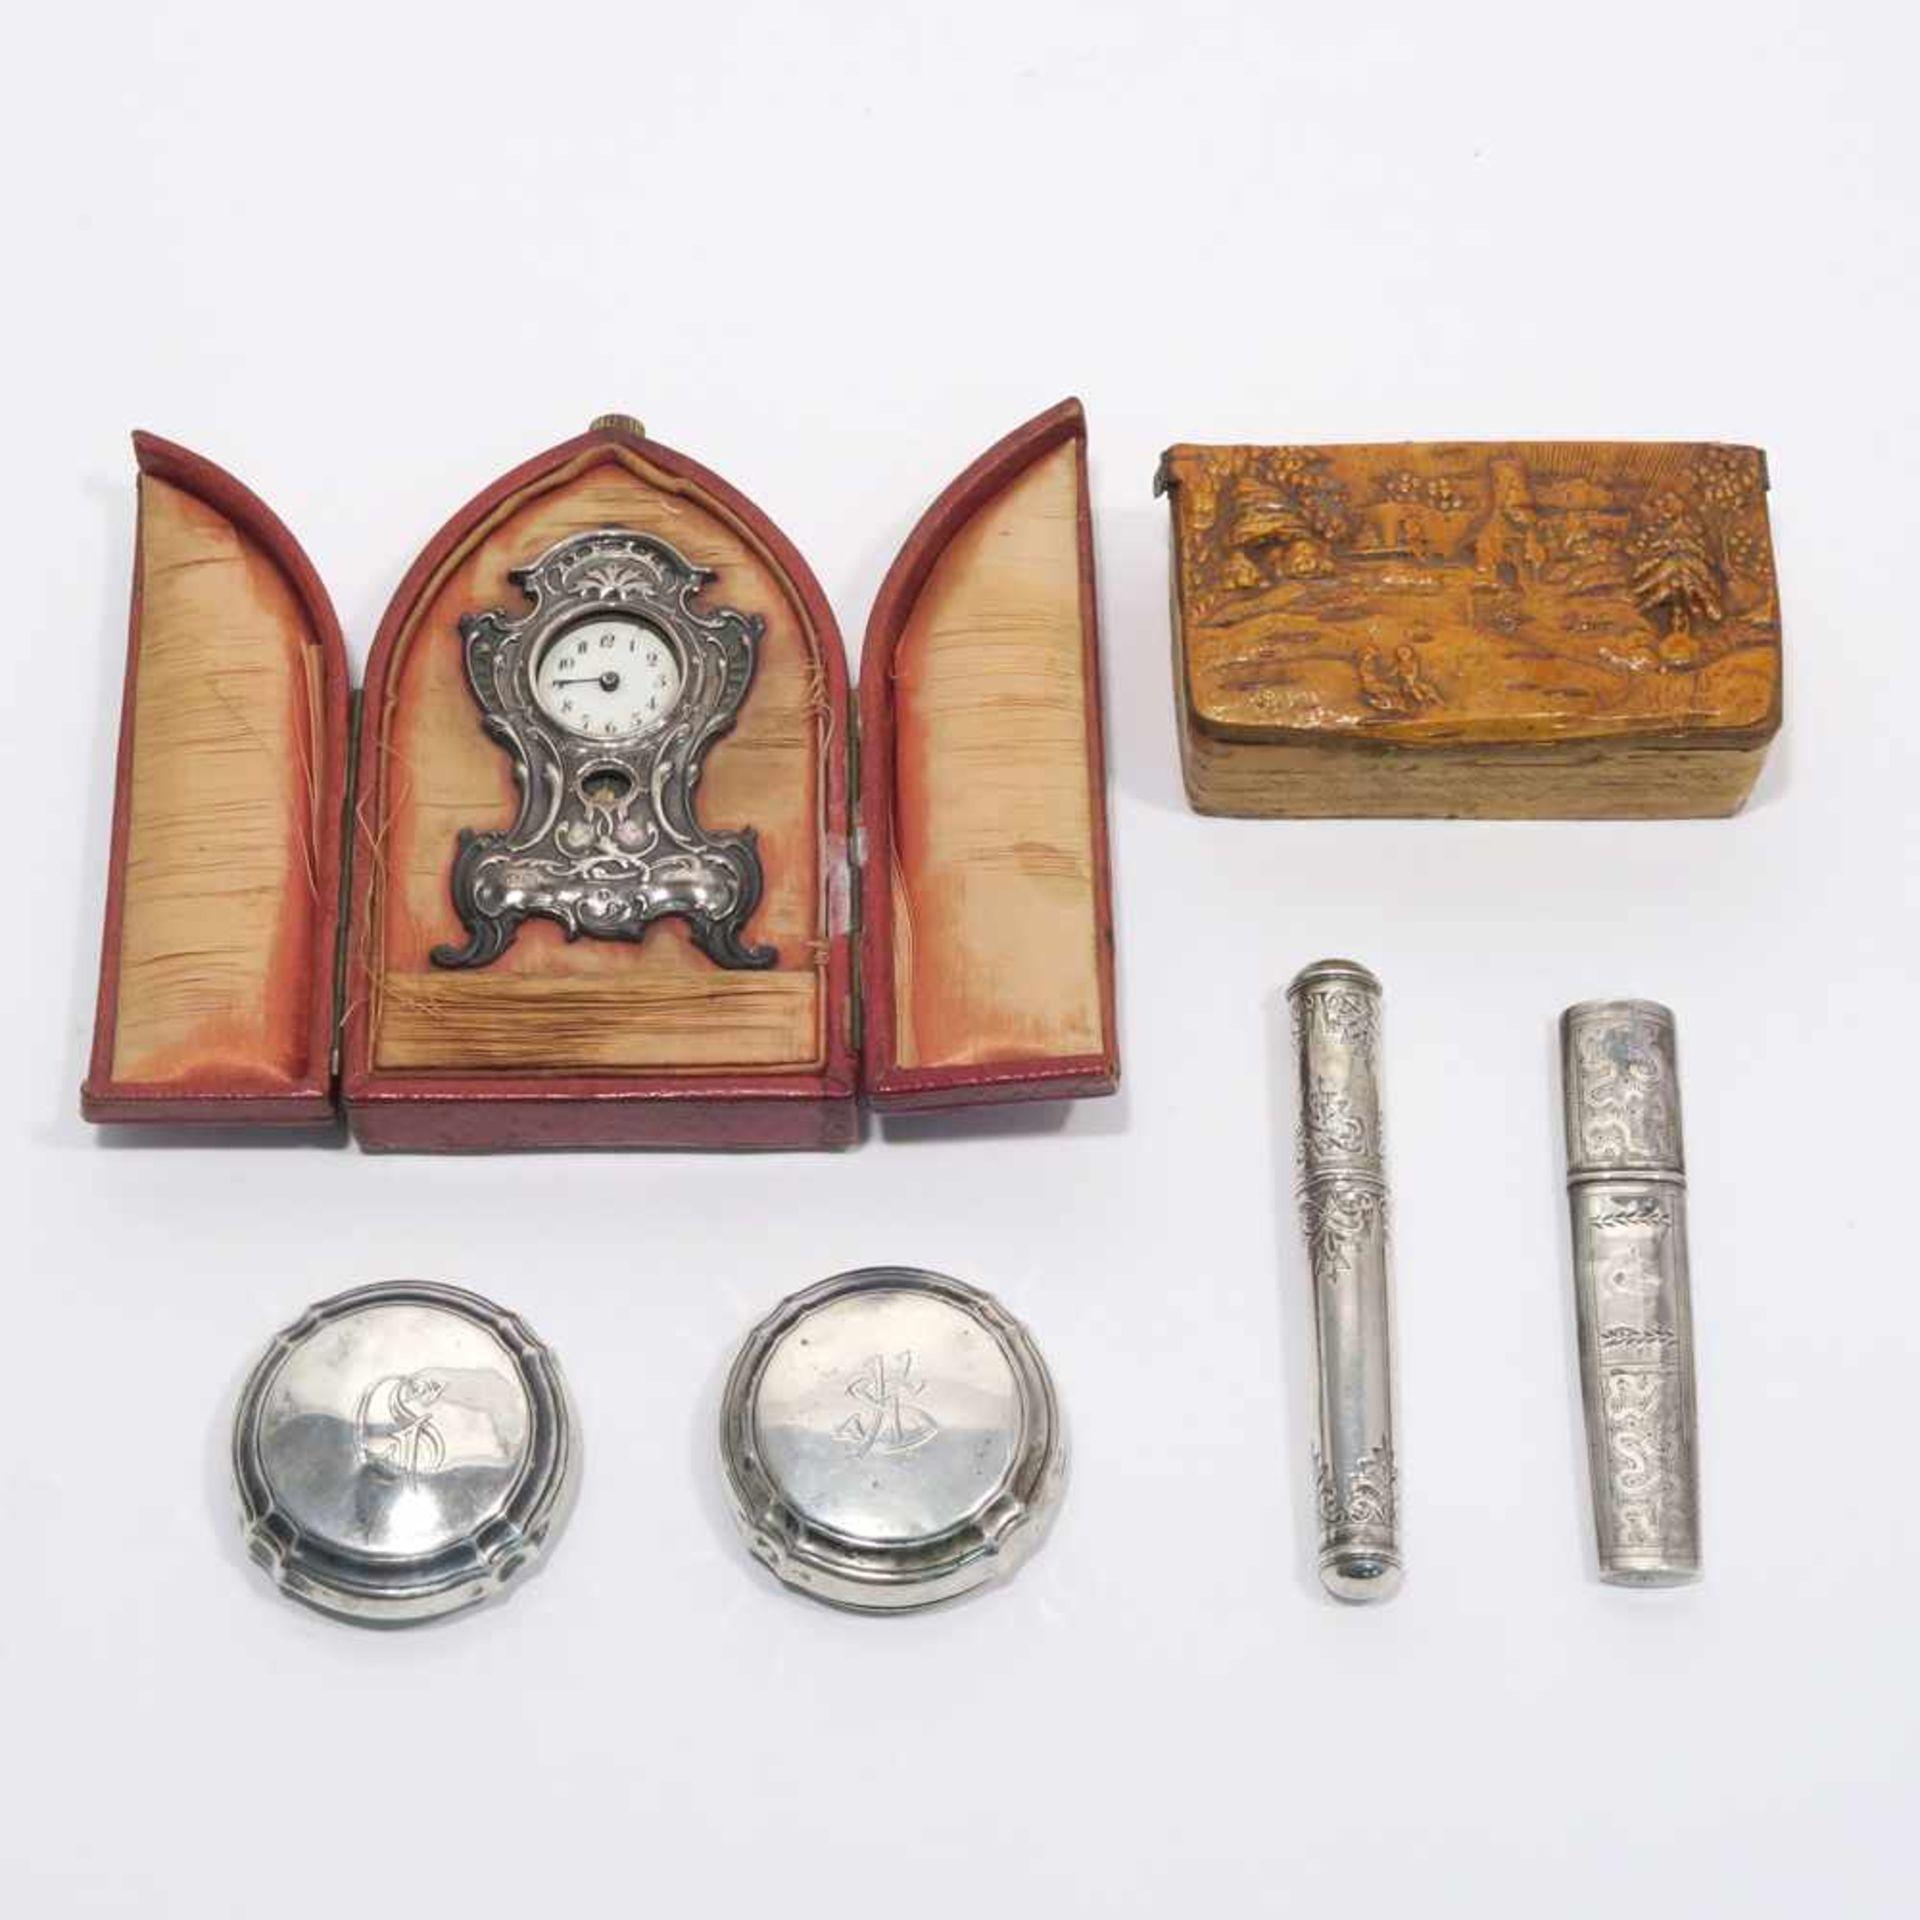 Los 31 - Miniaturpendule, zwei Nadeletuis und zwei DeckelDeutsch u.a. Silber, tlw. vergoldet. Verschiedene